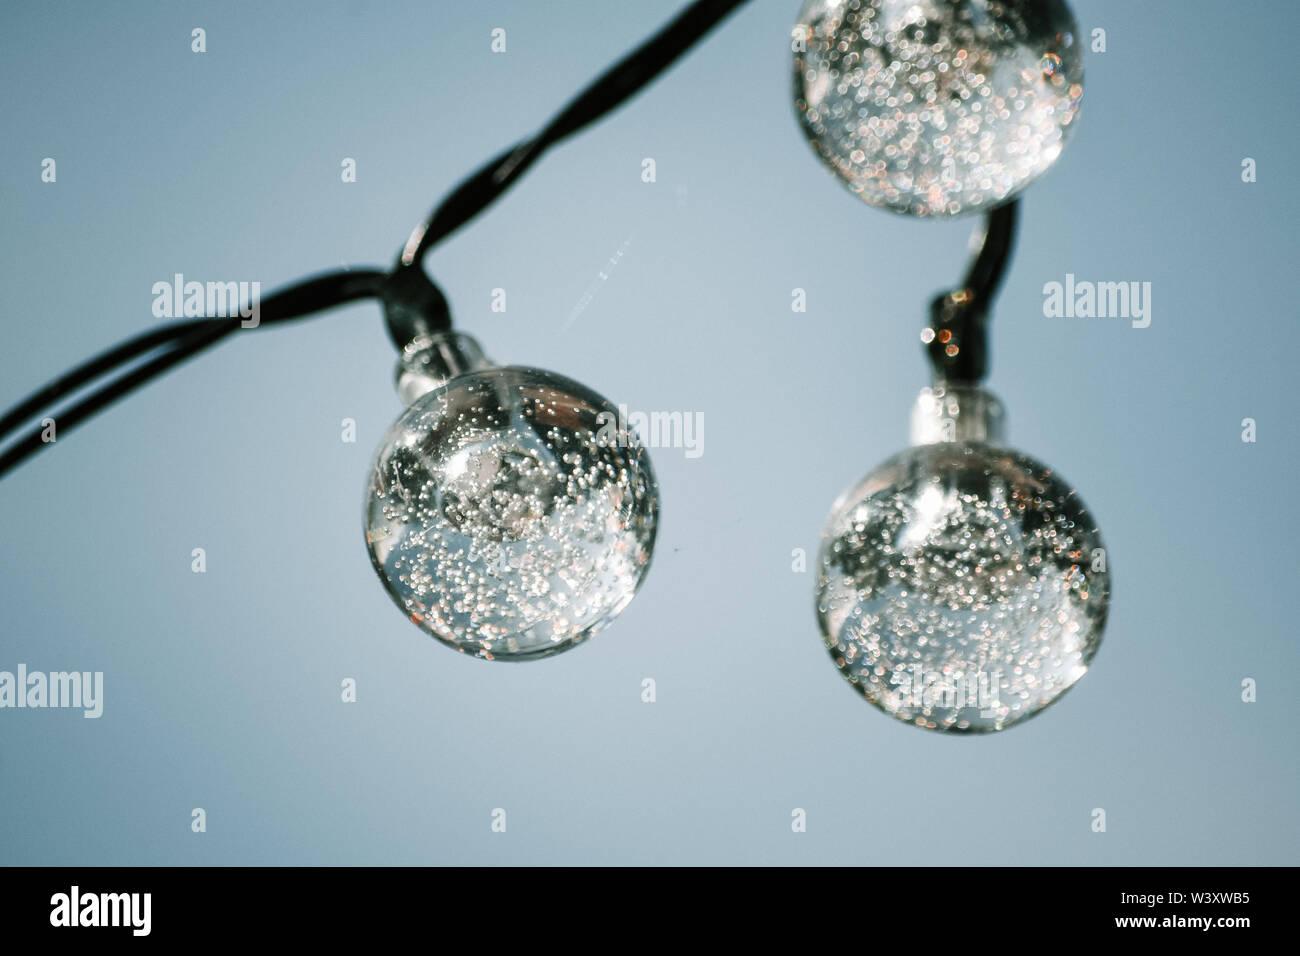 Weihnachten Hd Bilder.Hd Weihnachten Stockfotos Hd Weihnachten Bilder Alamy